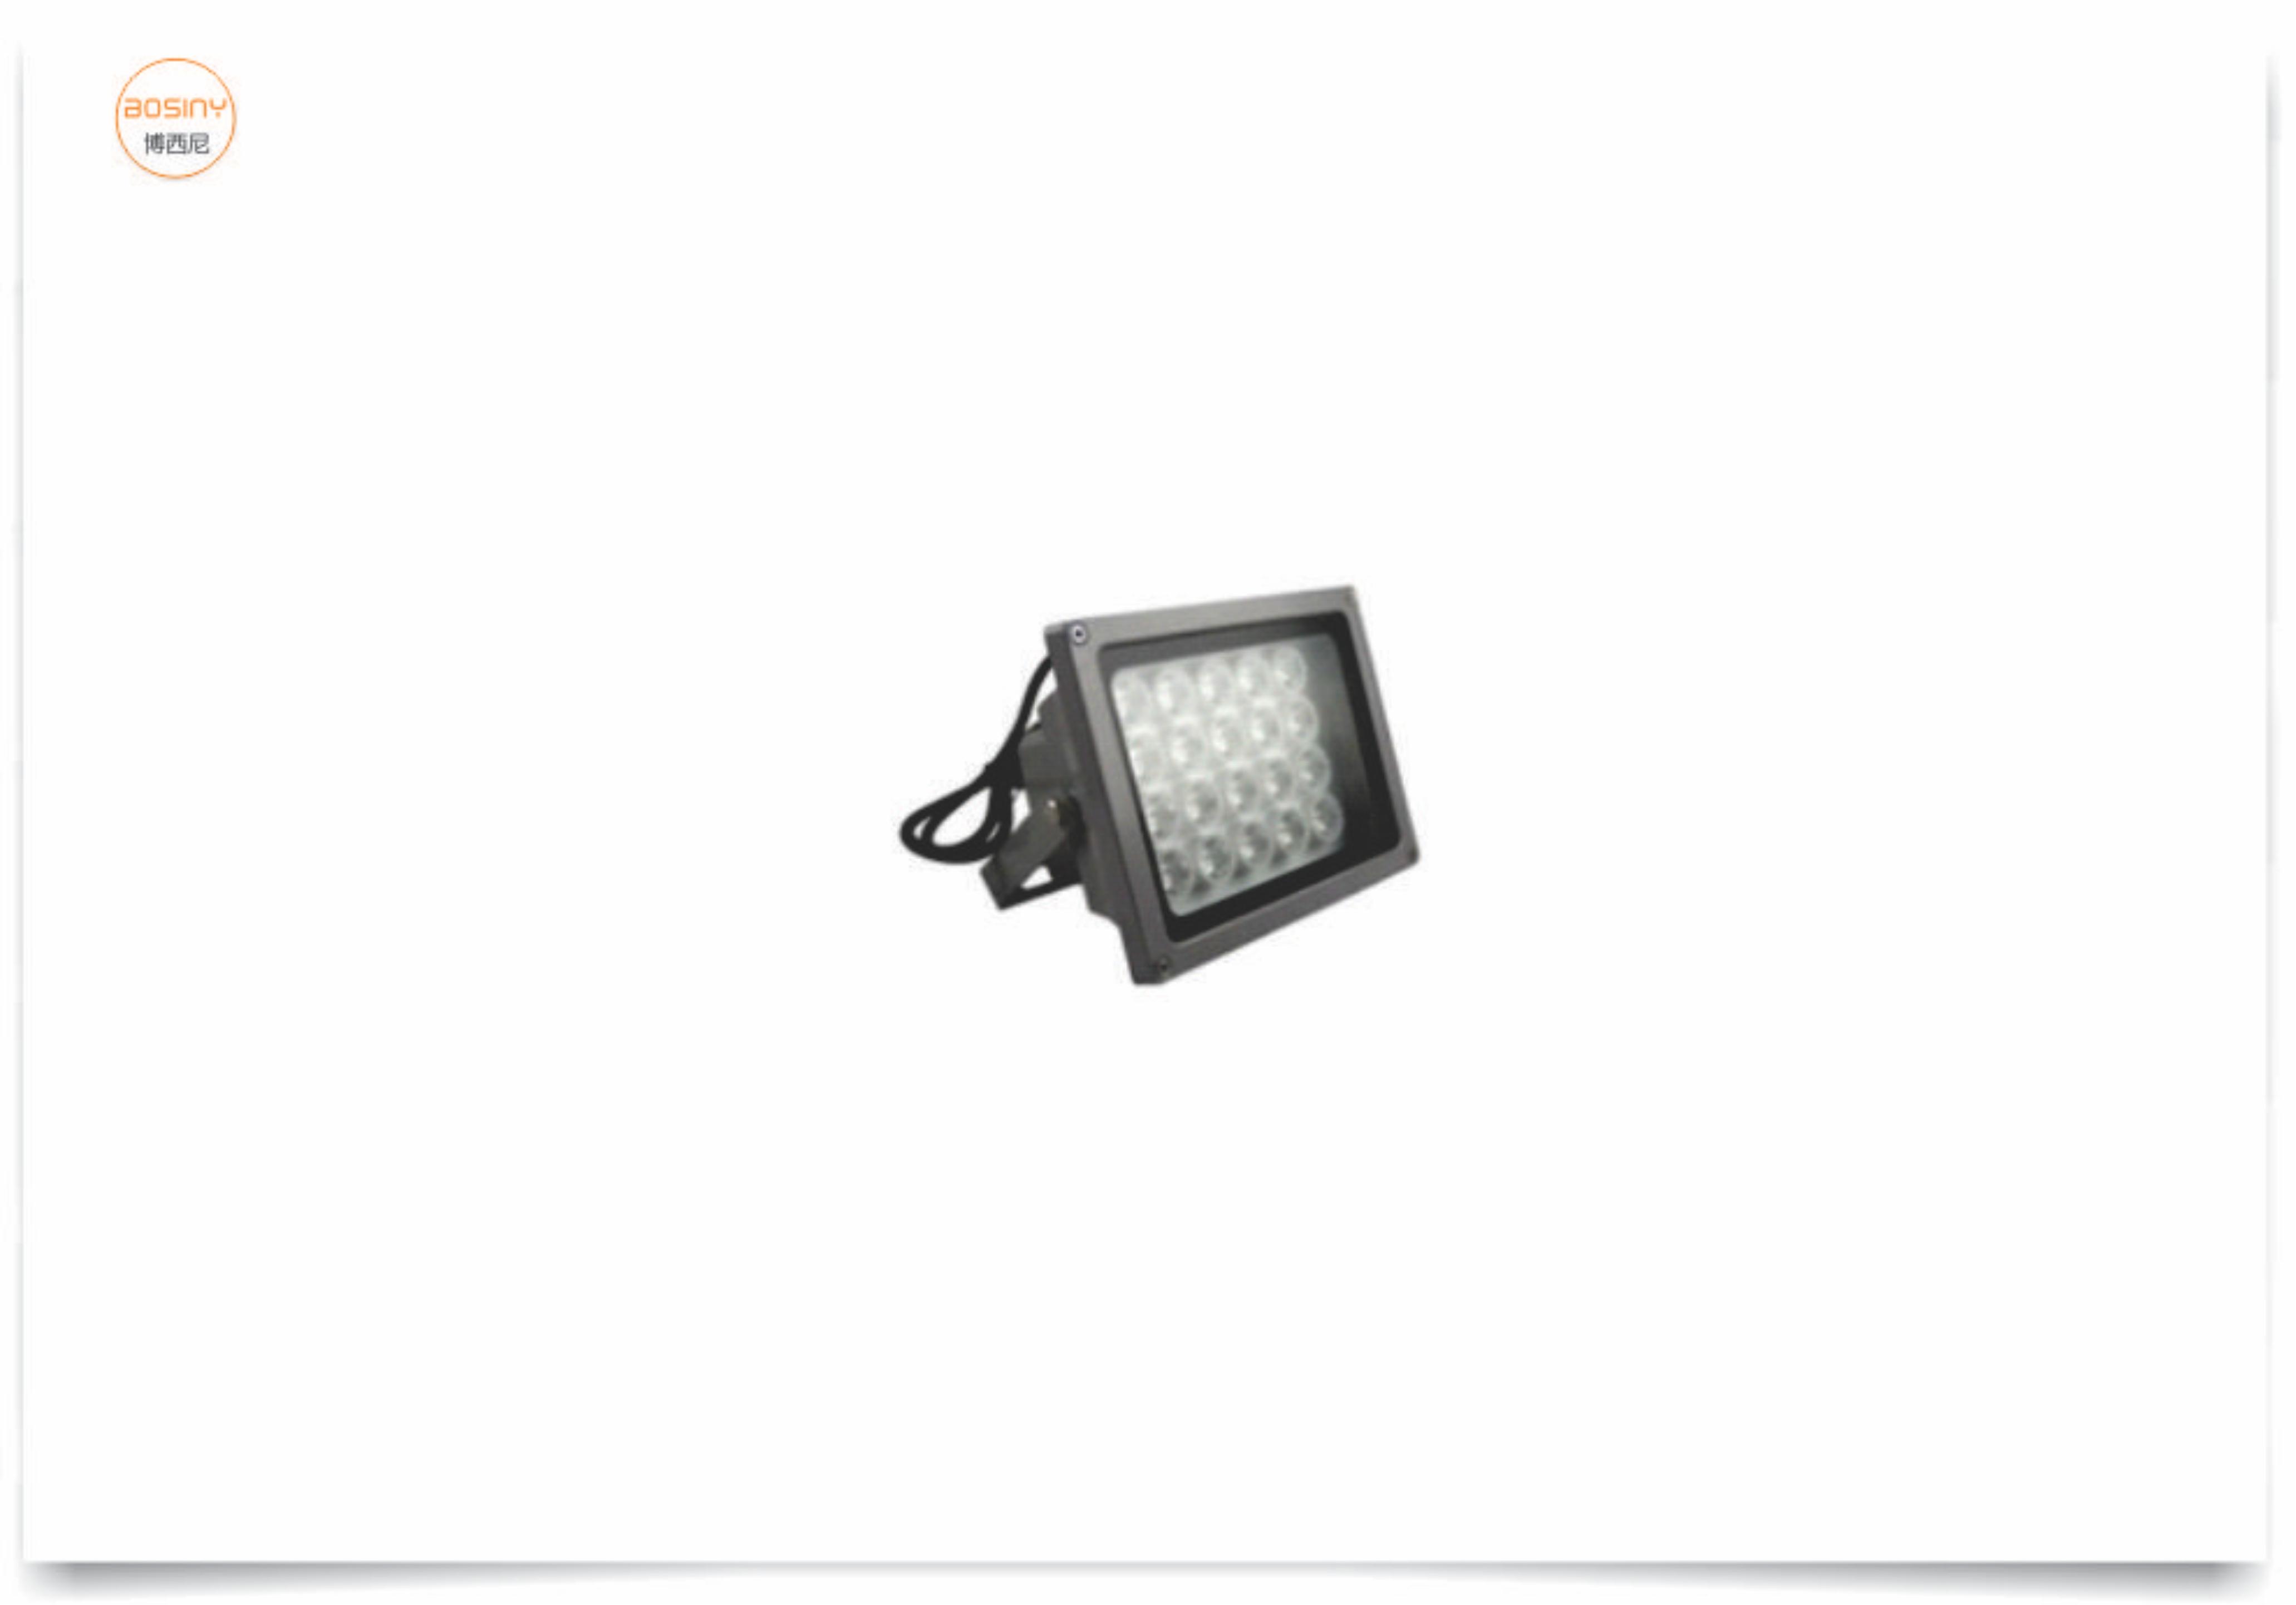 补光灯BSN-LED-P/X